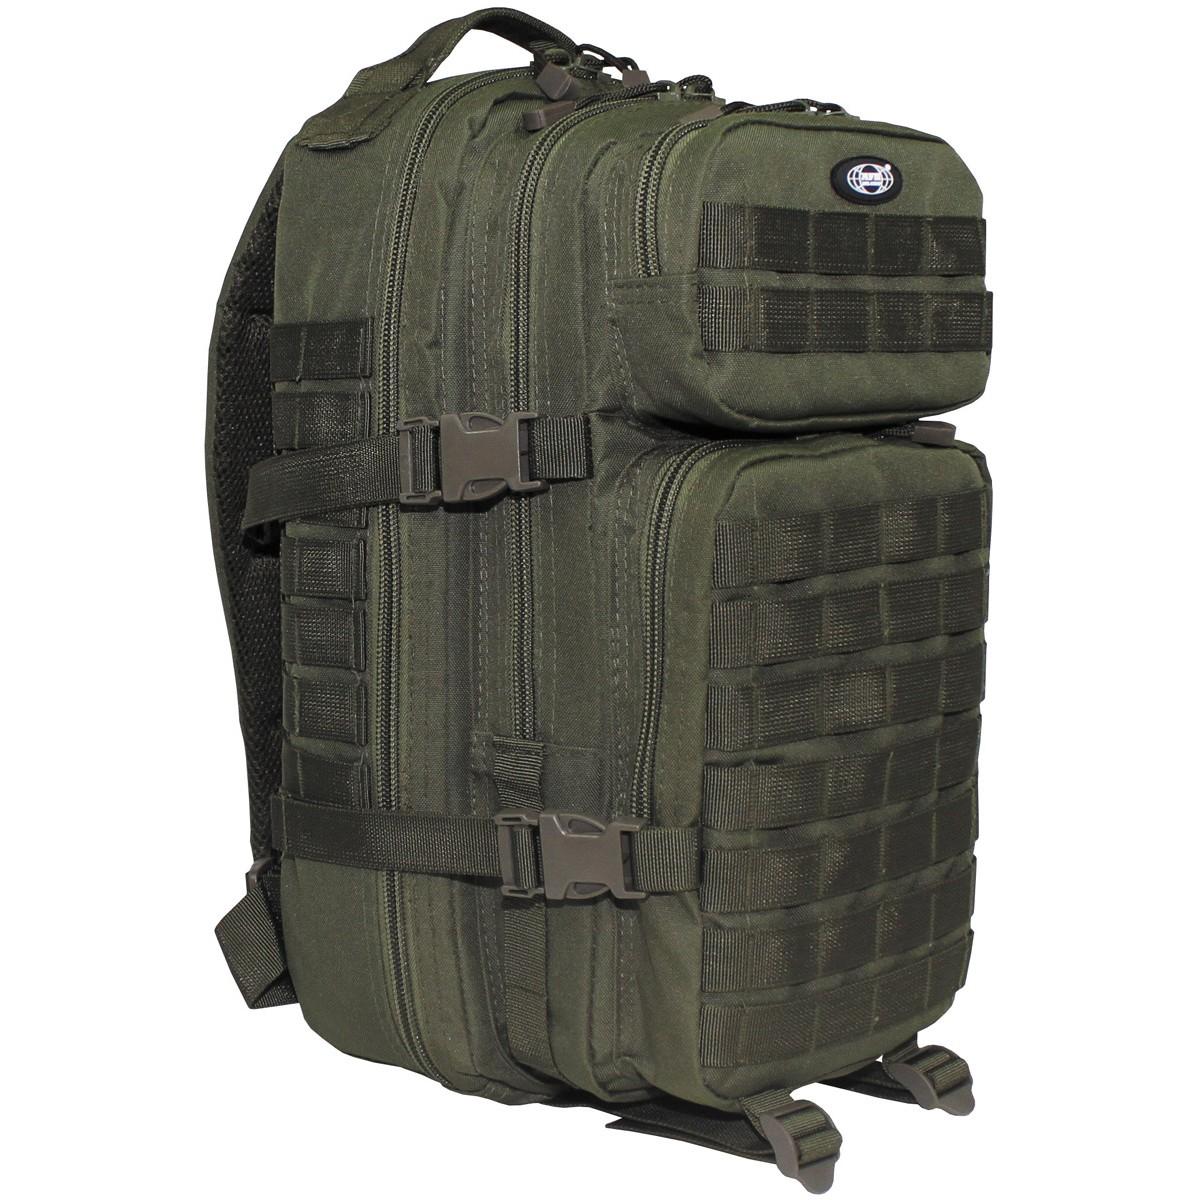 99f11a4729072 PLECAK wojskowy US ASSAULT Molle 25l olive MFH - 6722629181 ...